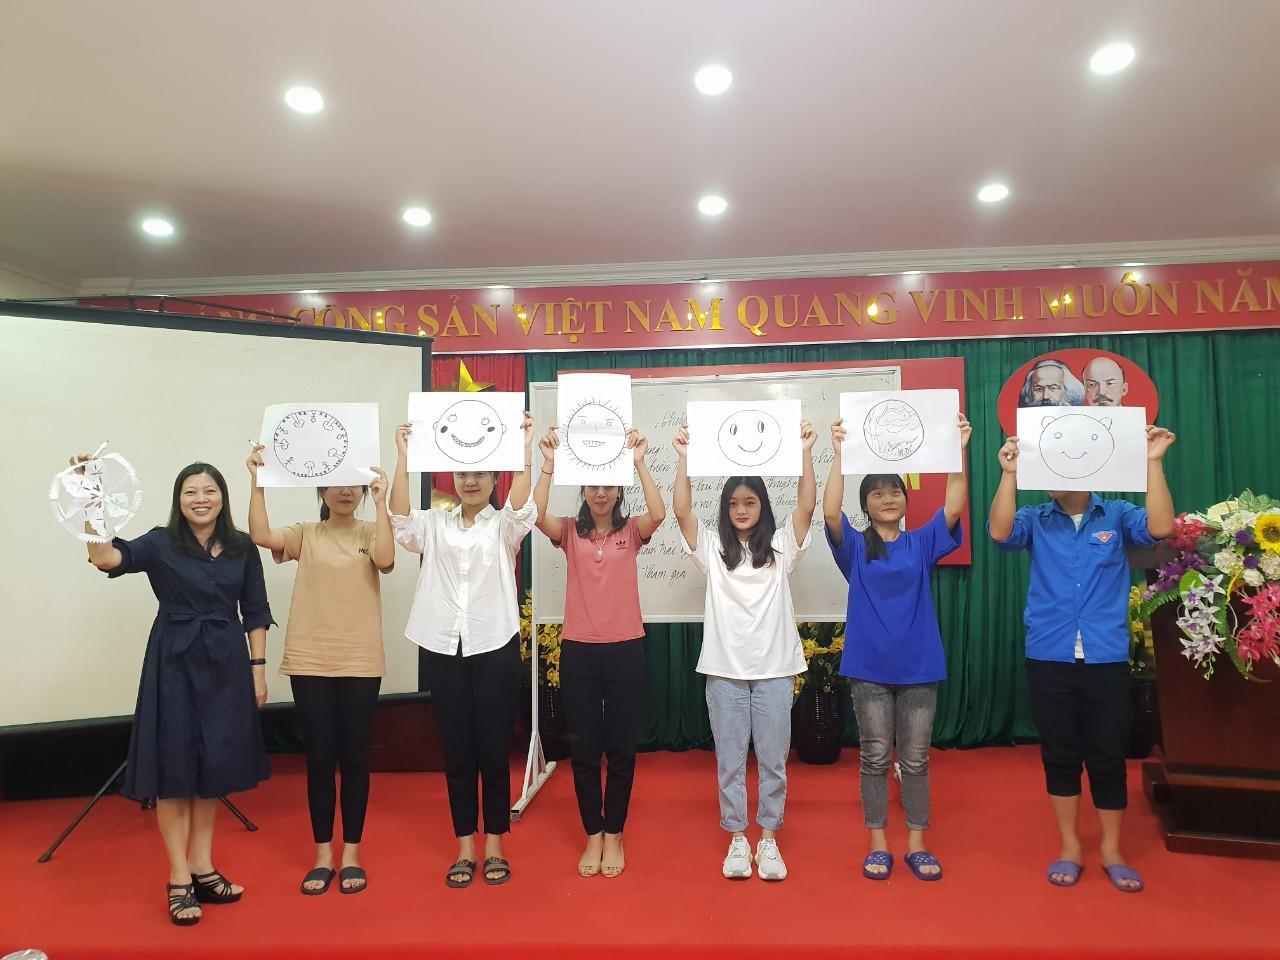 Tăng cường kiến thức xã hội và kỹ năng mềm cho sinh viên Phân hiệu Đại học Thái Nguyên tại tỉnh Lào Cai